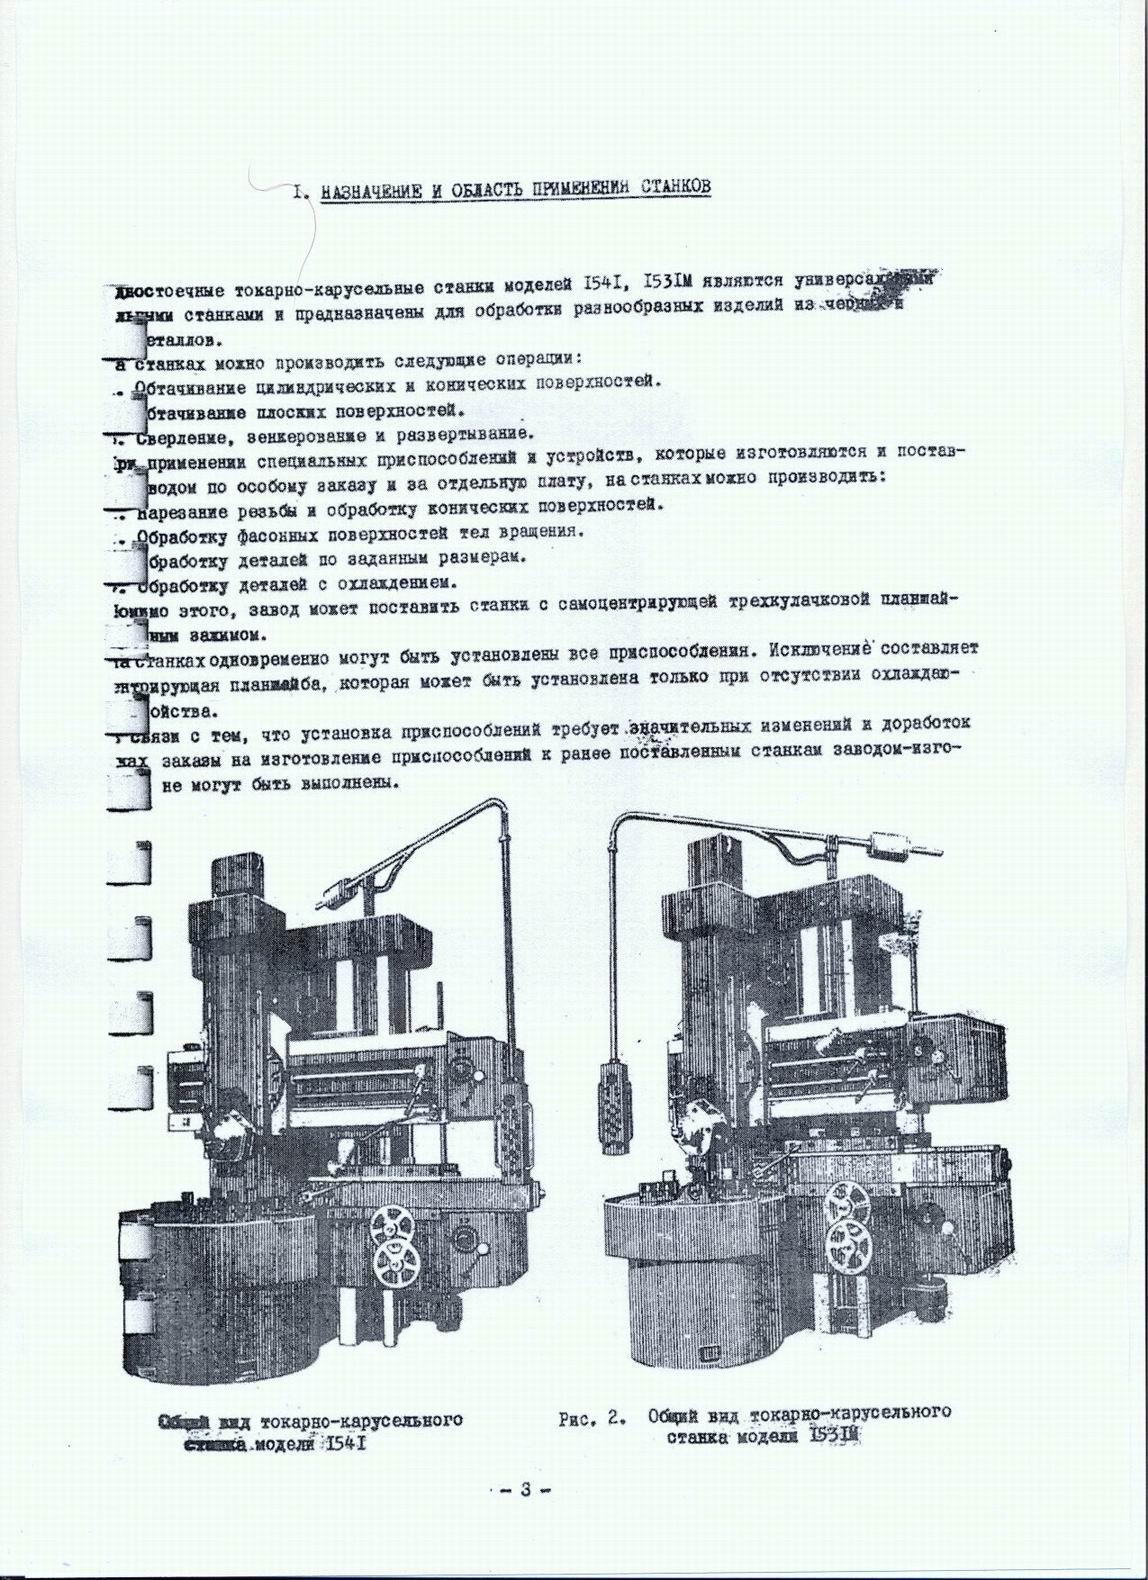 Технические характеристики токарно-карусельного станка 1516